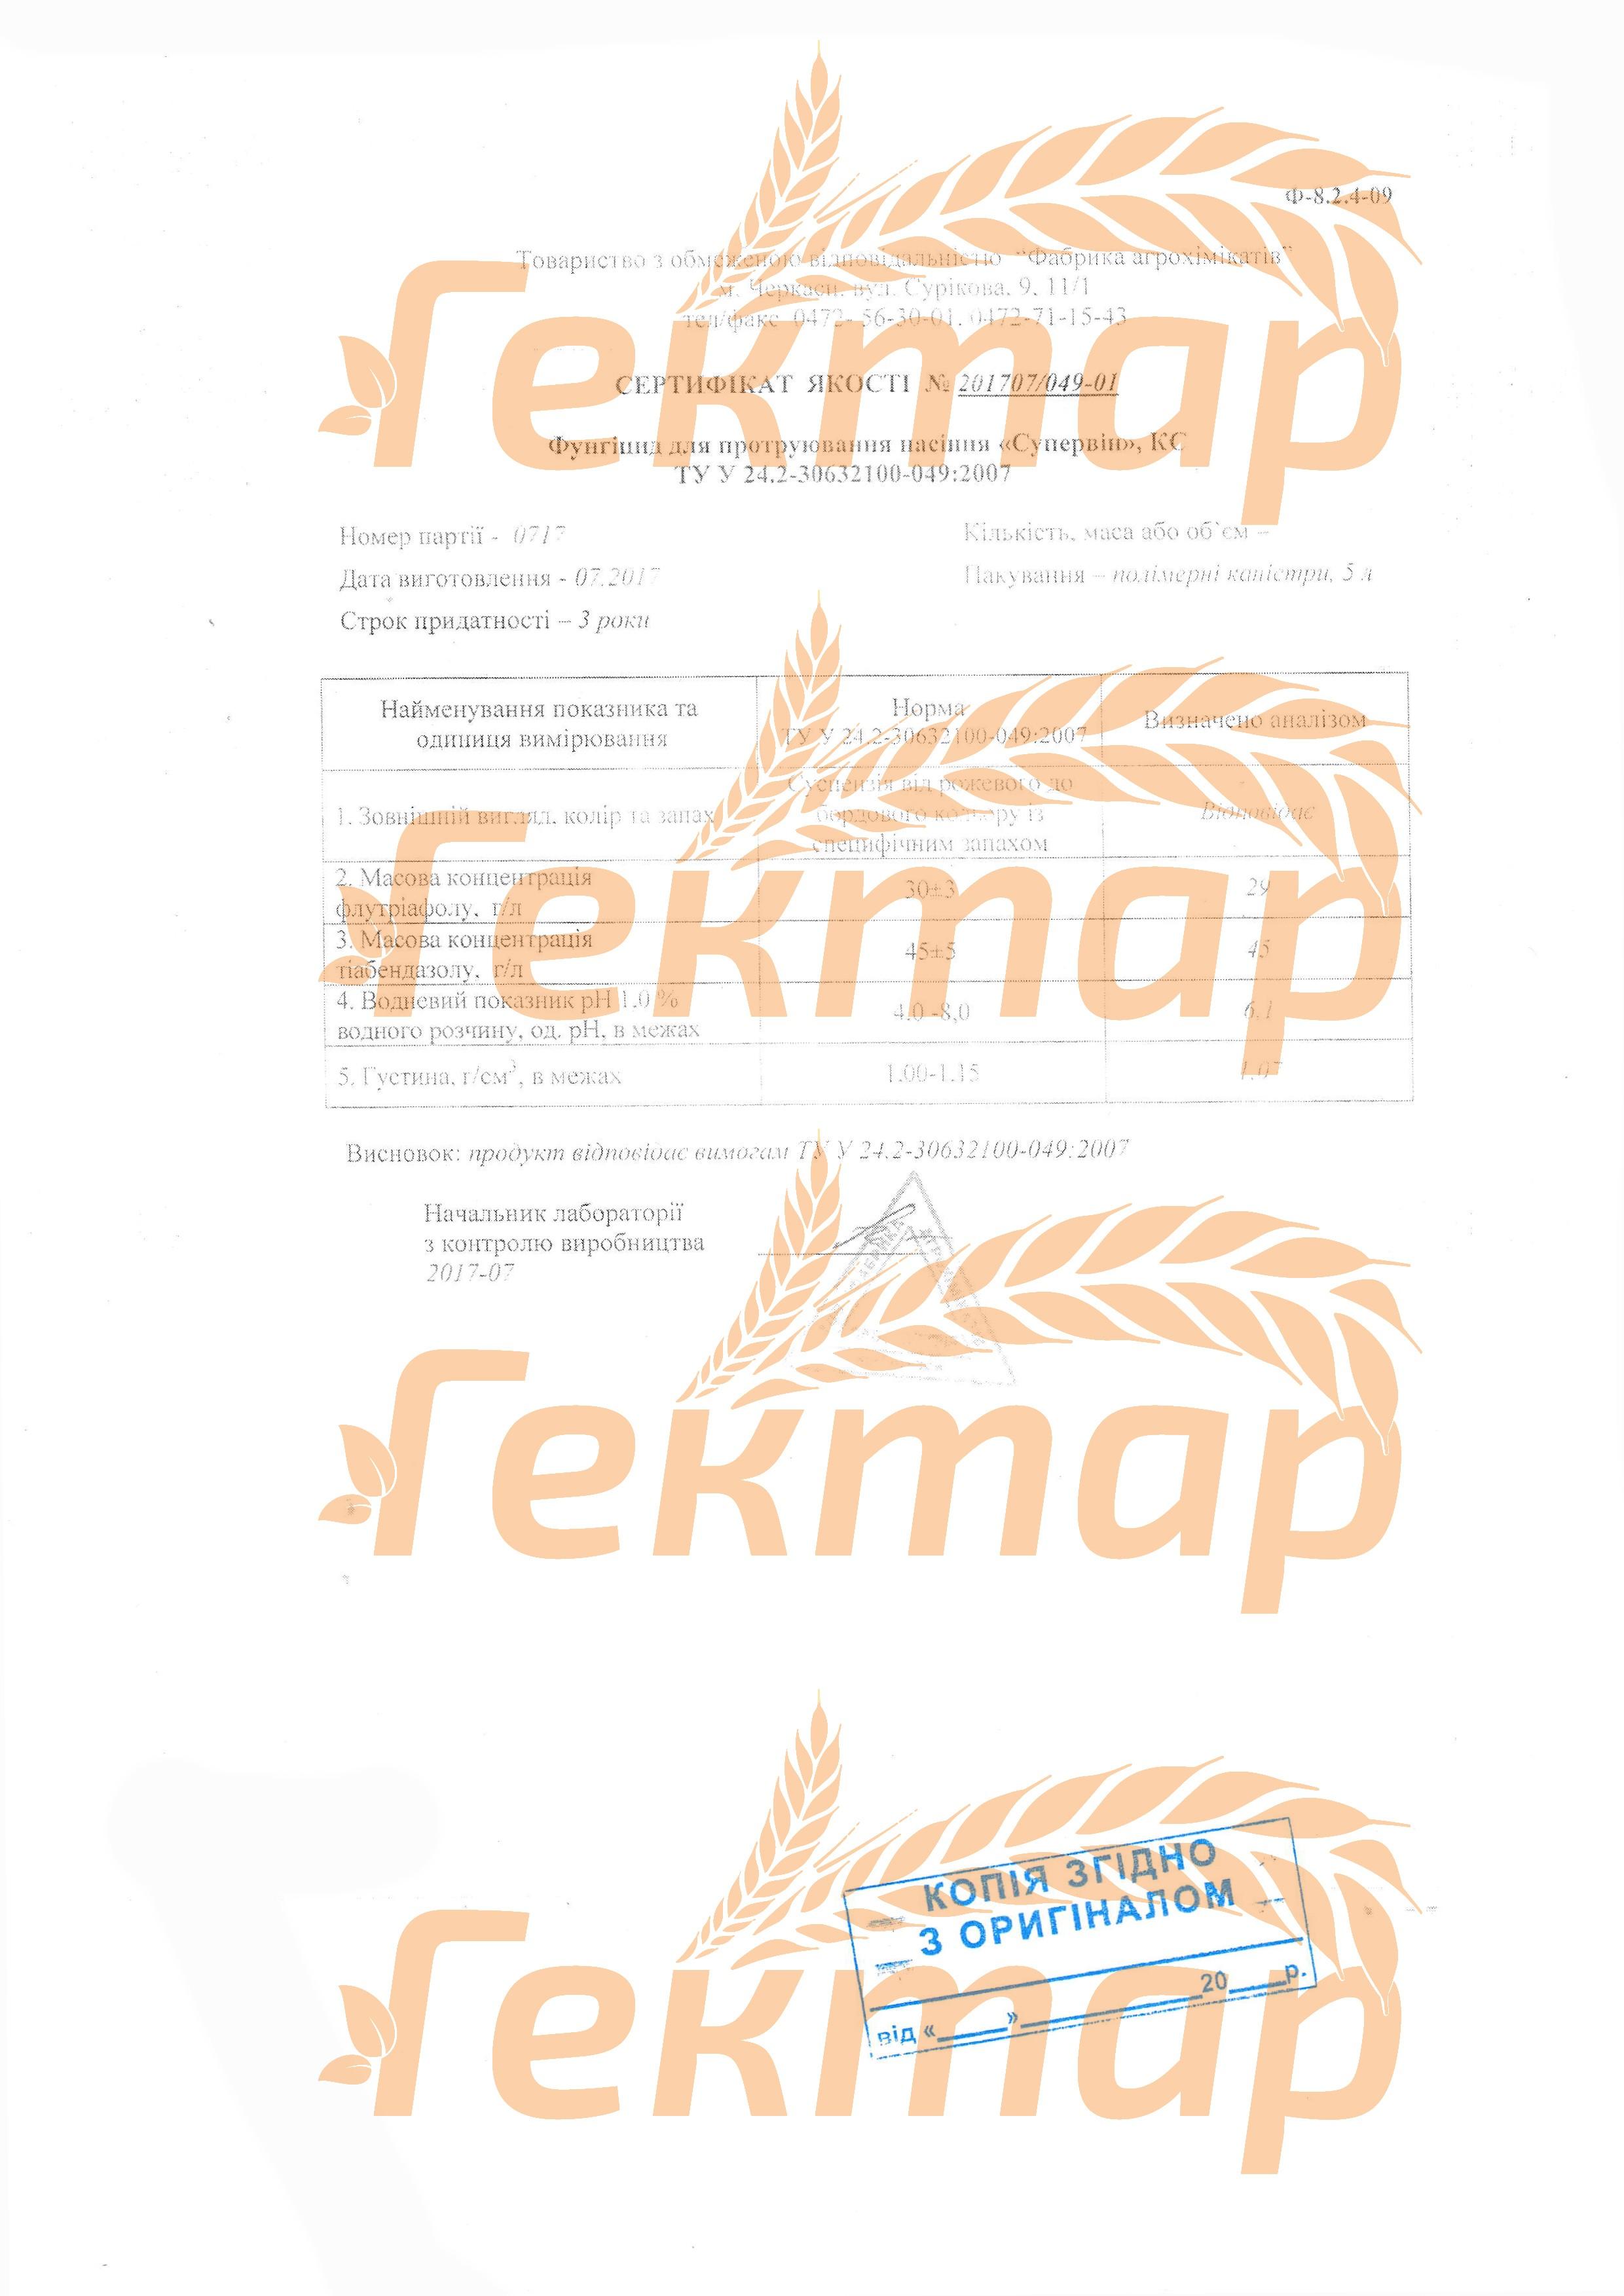 https://hectare.ua/upload/5ab375747144d.jpg